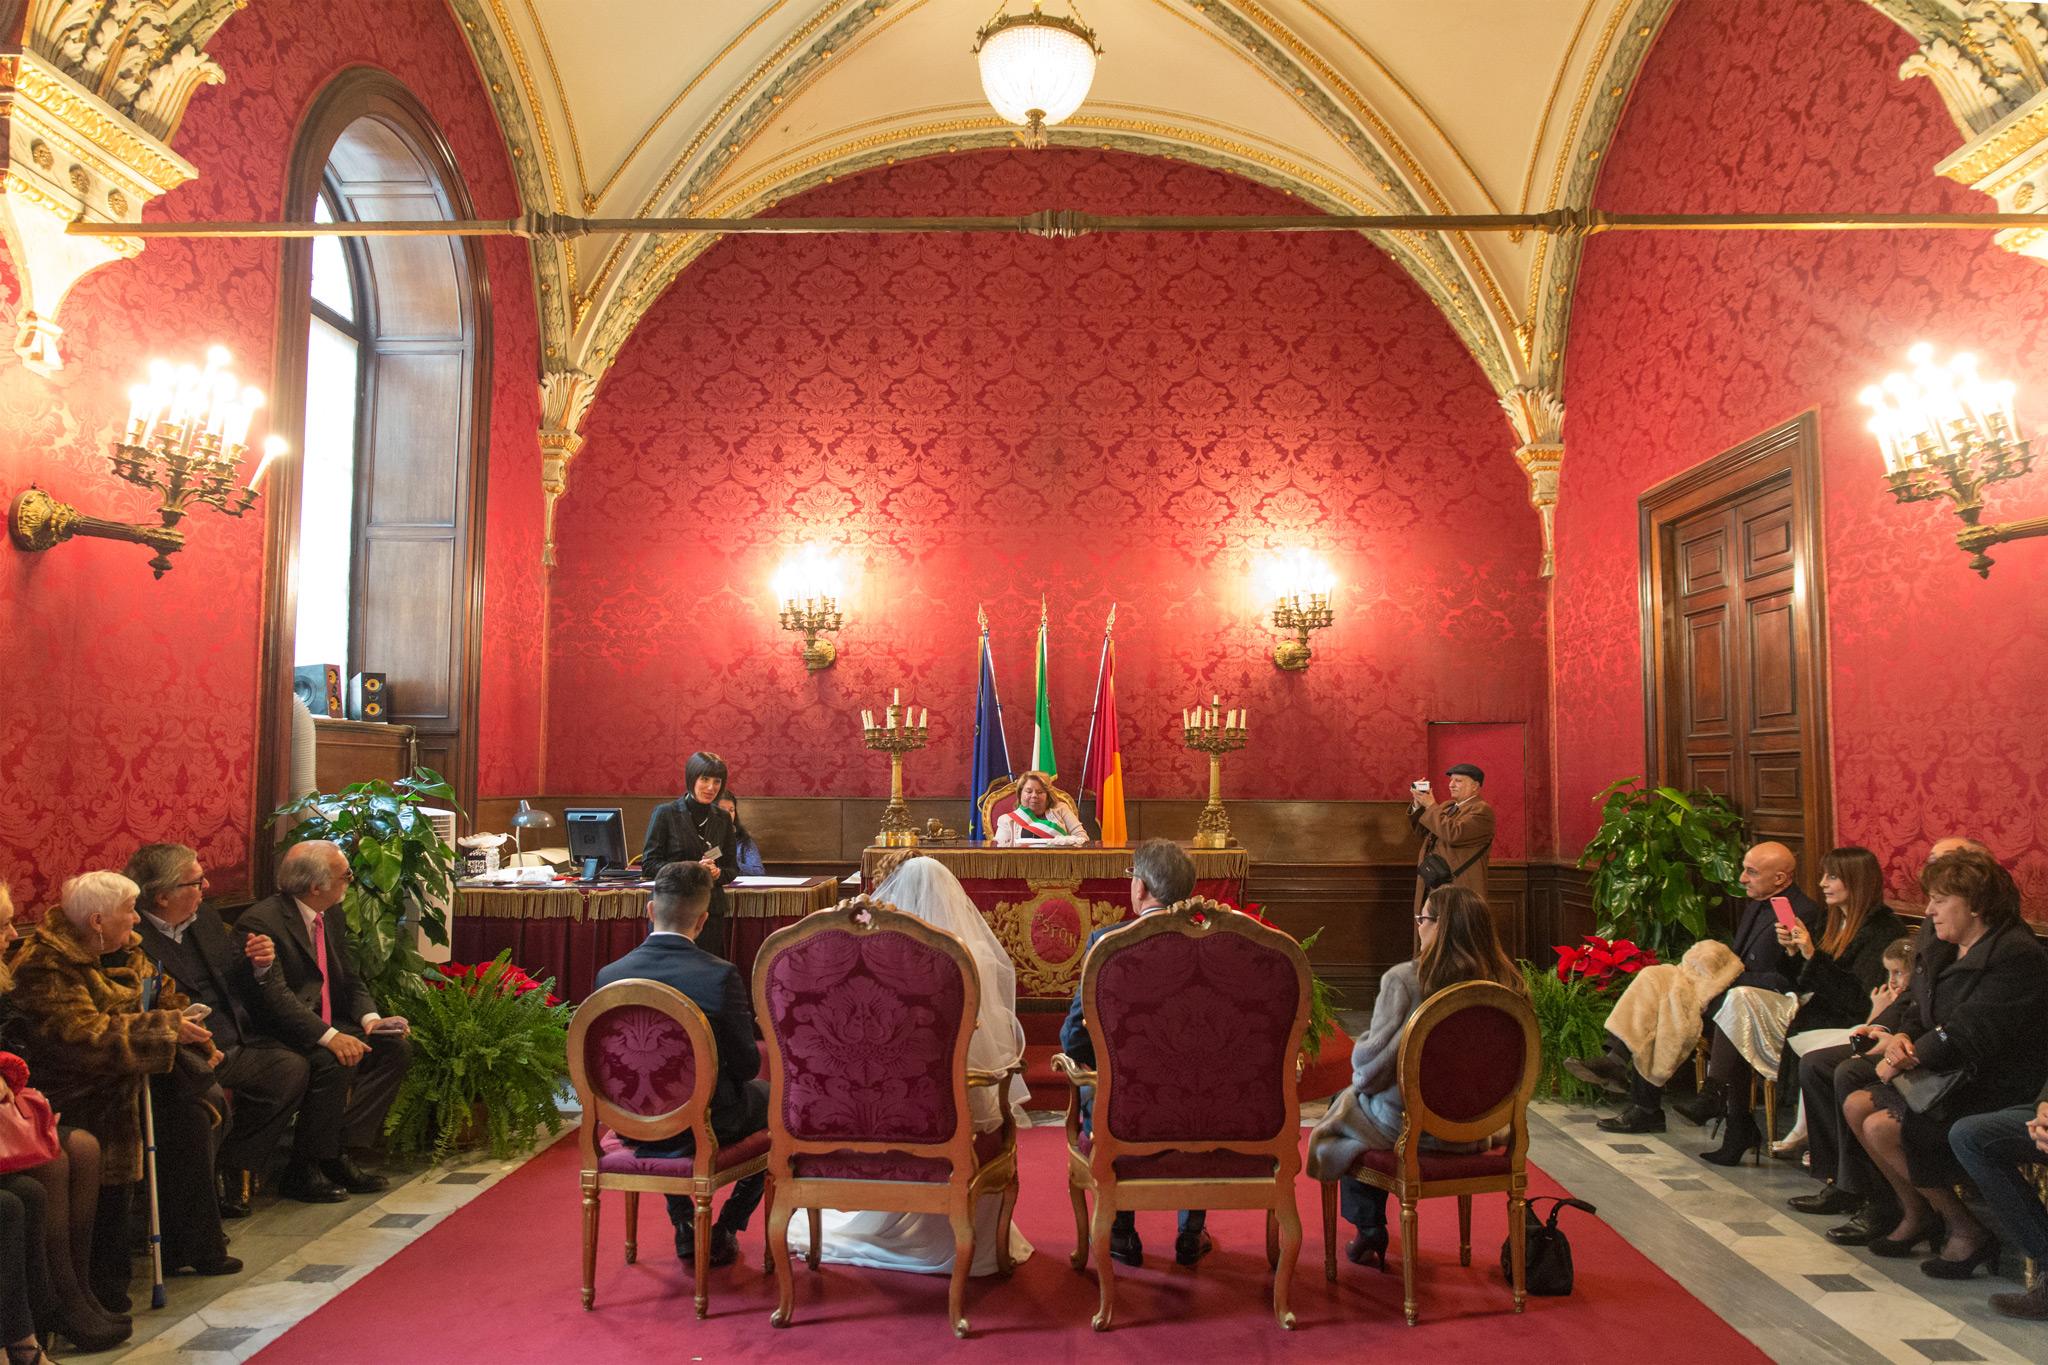 www.fabioschiazza.it